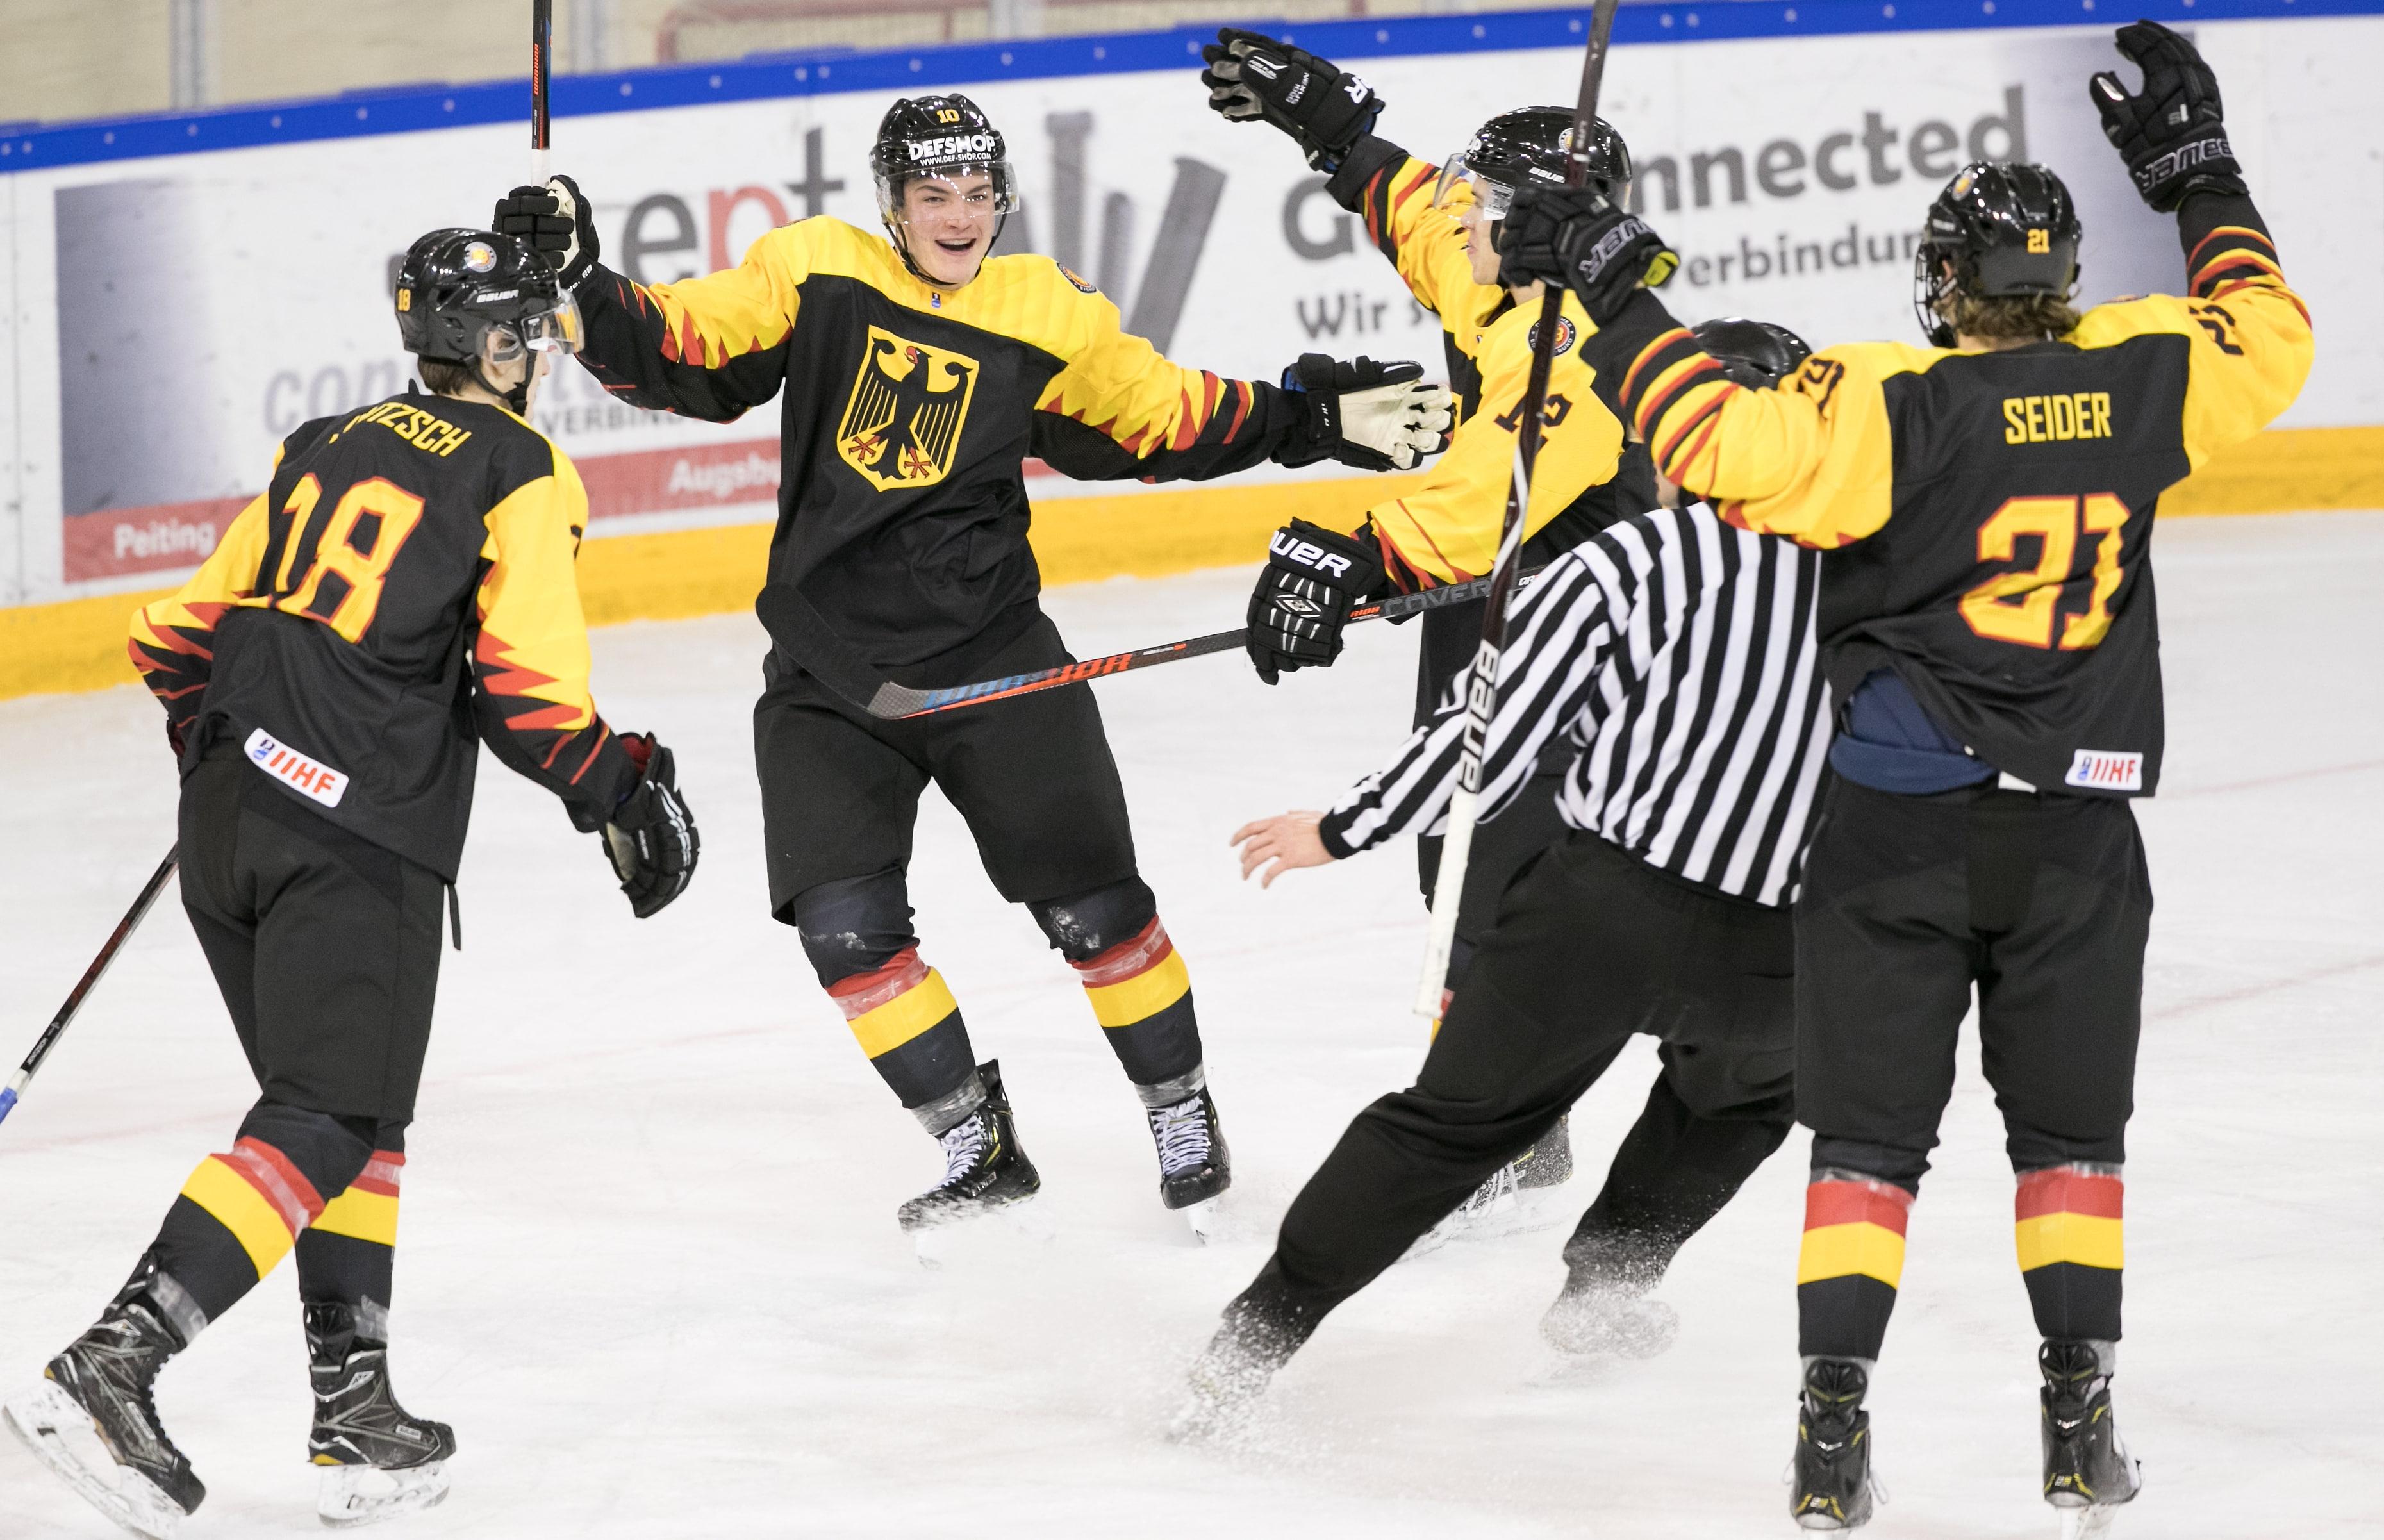 Eishockey U20 Wm